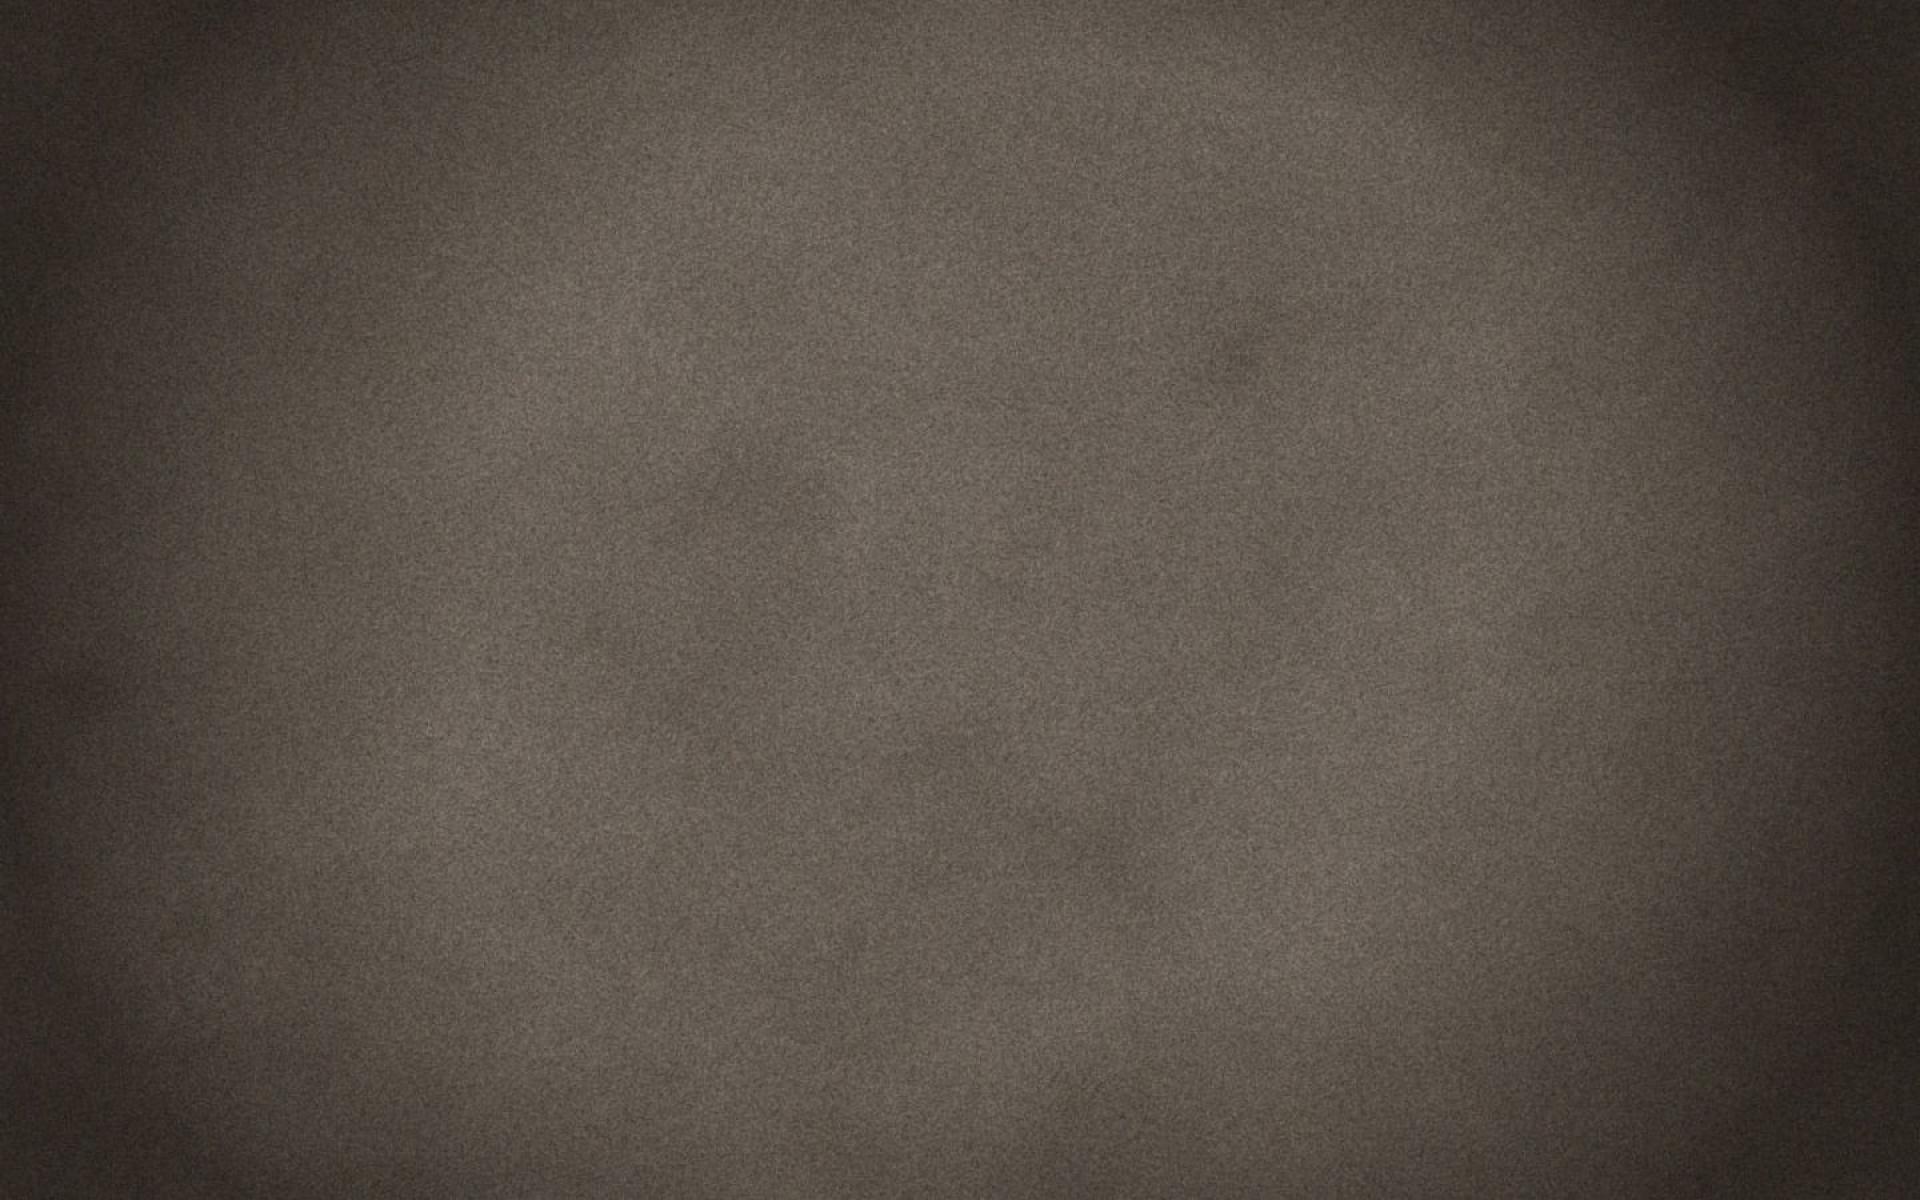 Clean Background Wallpaper - WallpaperSafari